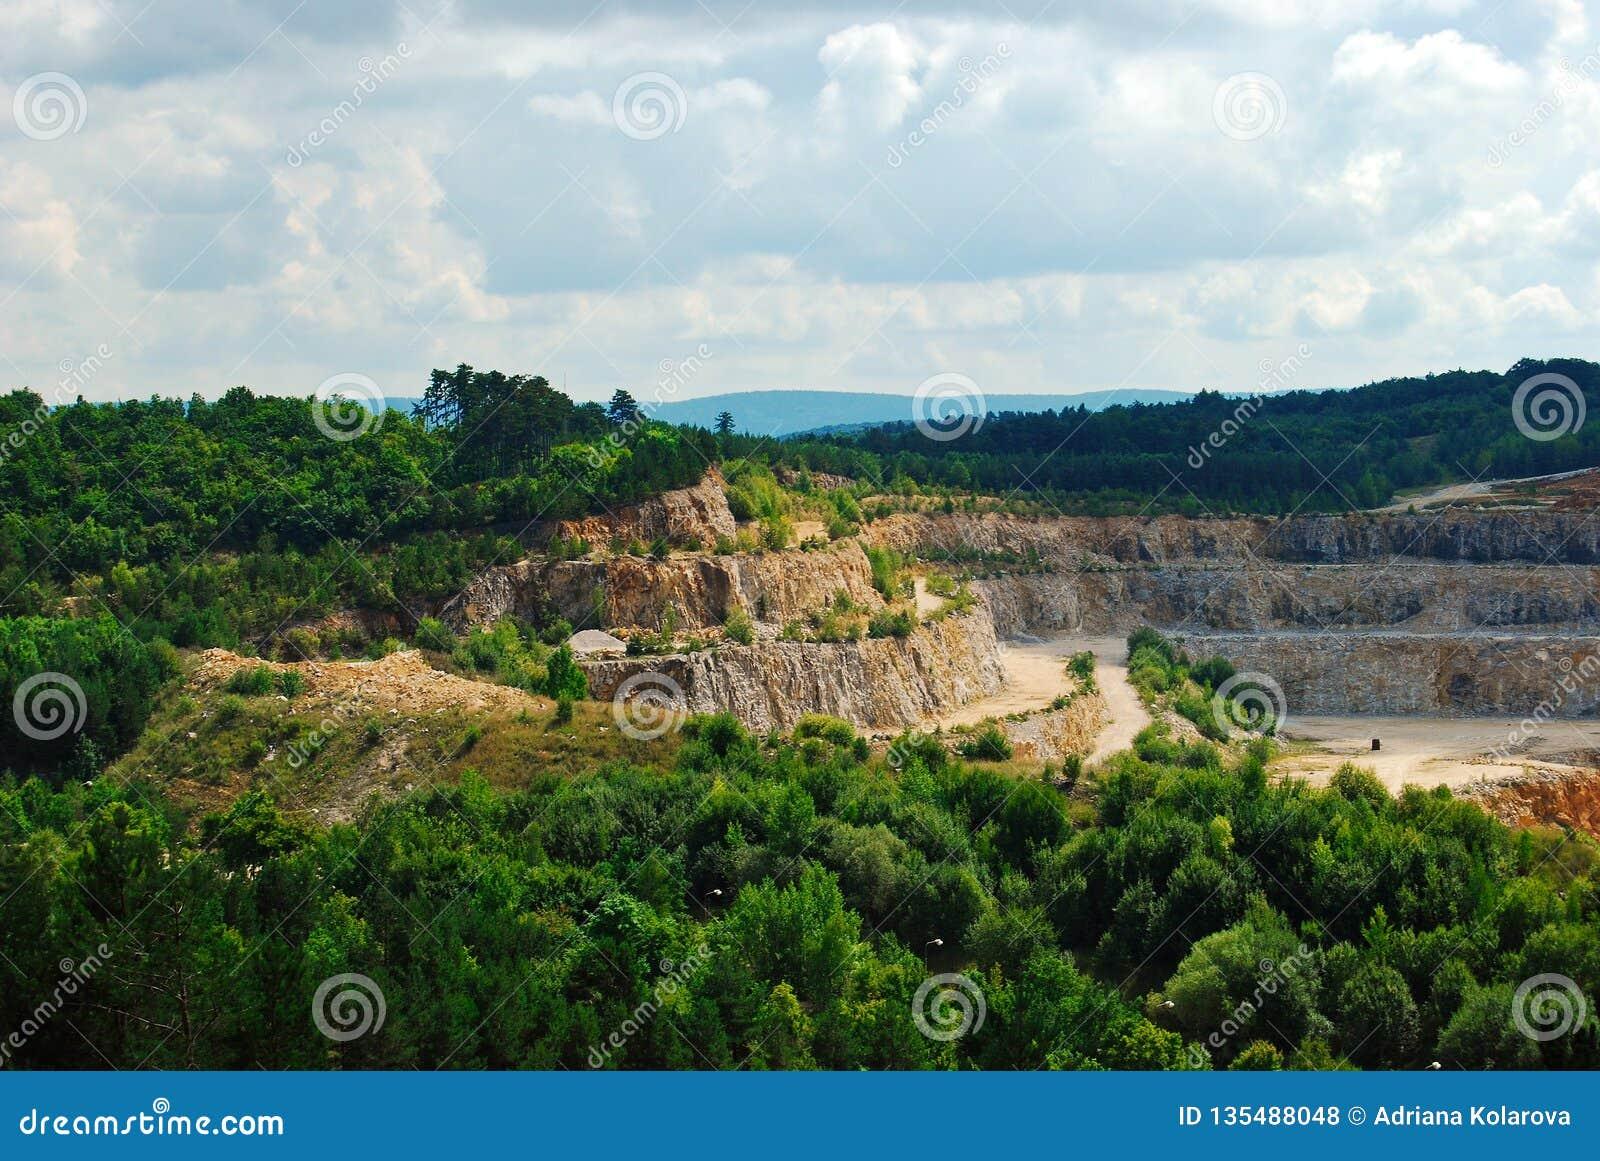 Σπηλιές Koneprusy στη Δημοκρατία της Τσεχίας, καλοκαίρι